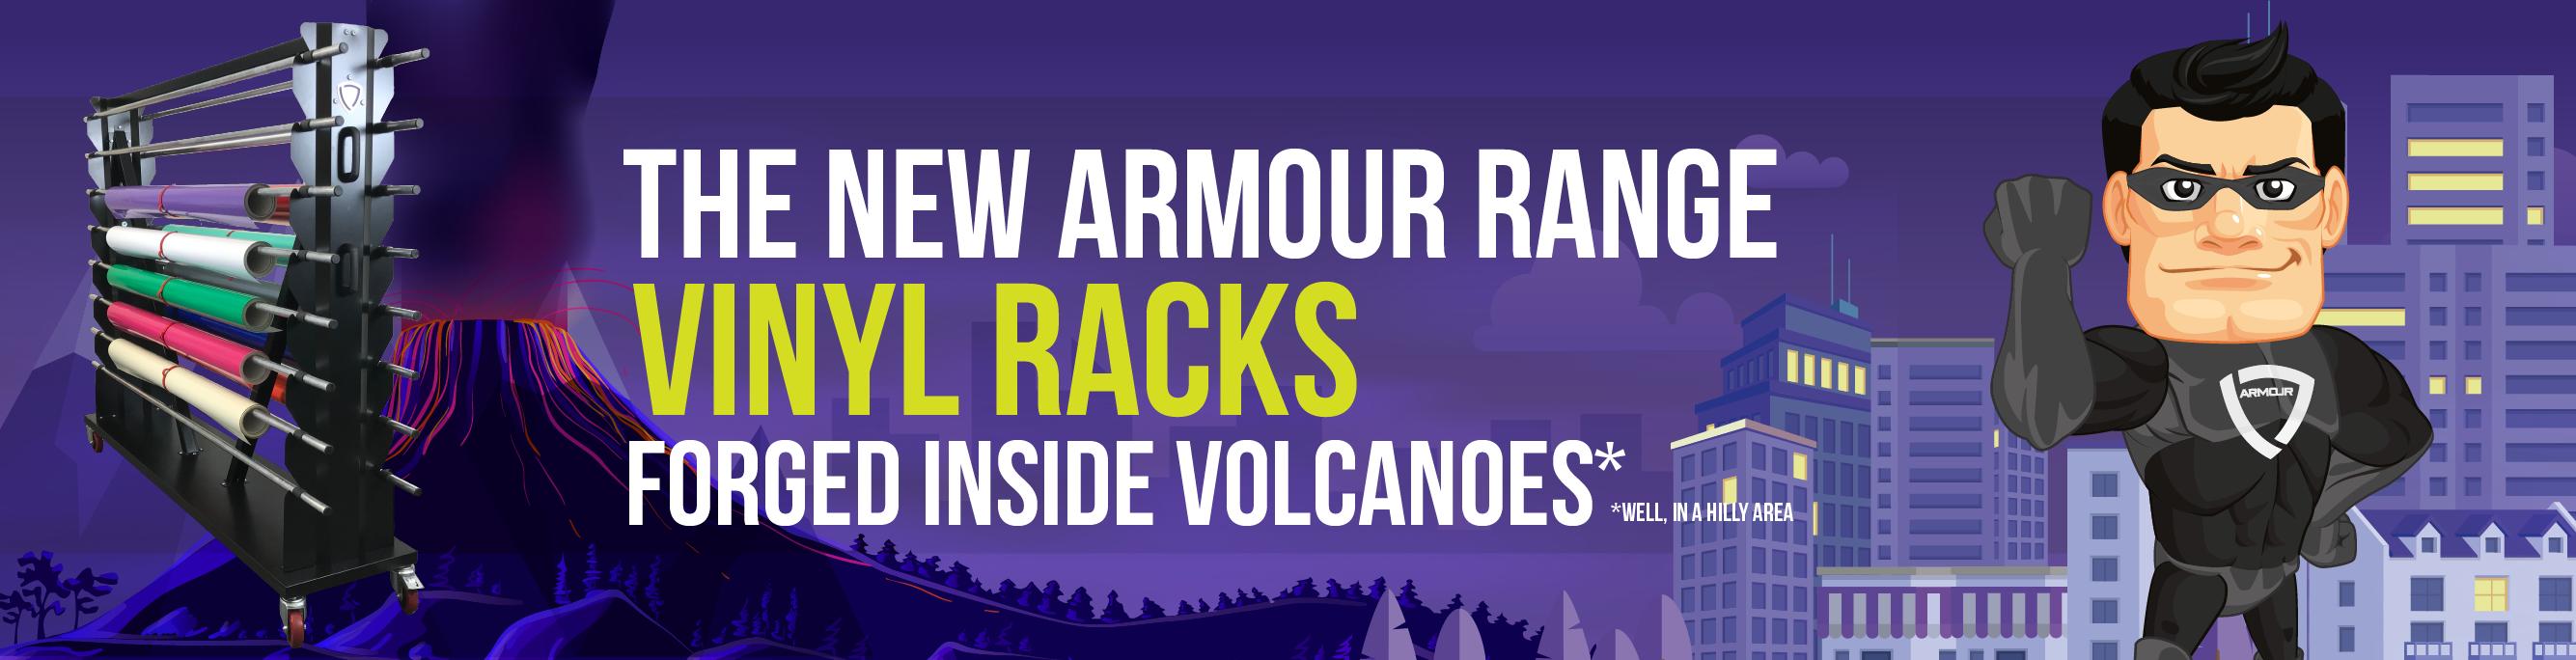 Armour Vinyl Racks